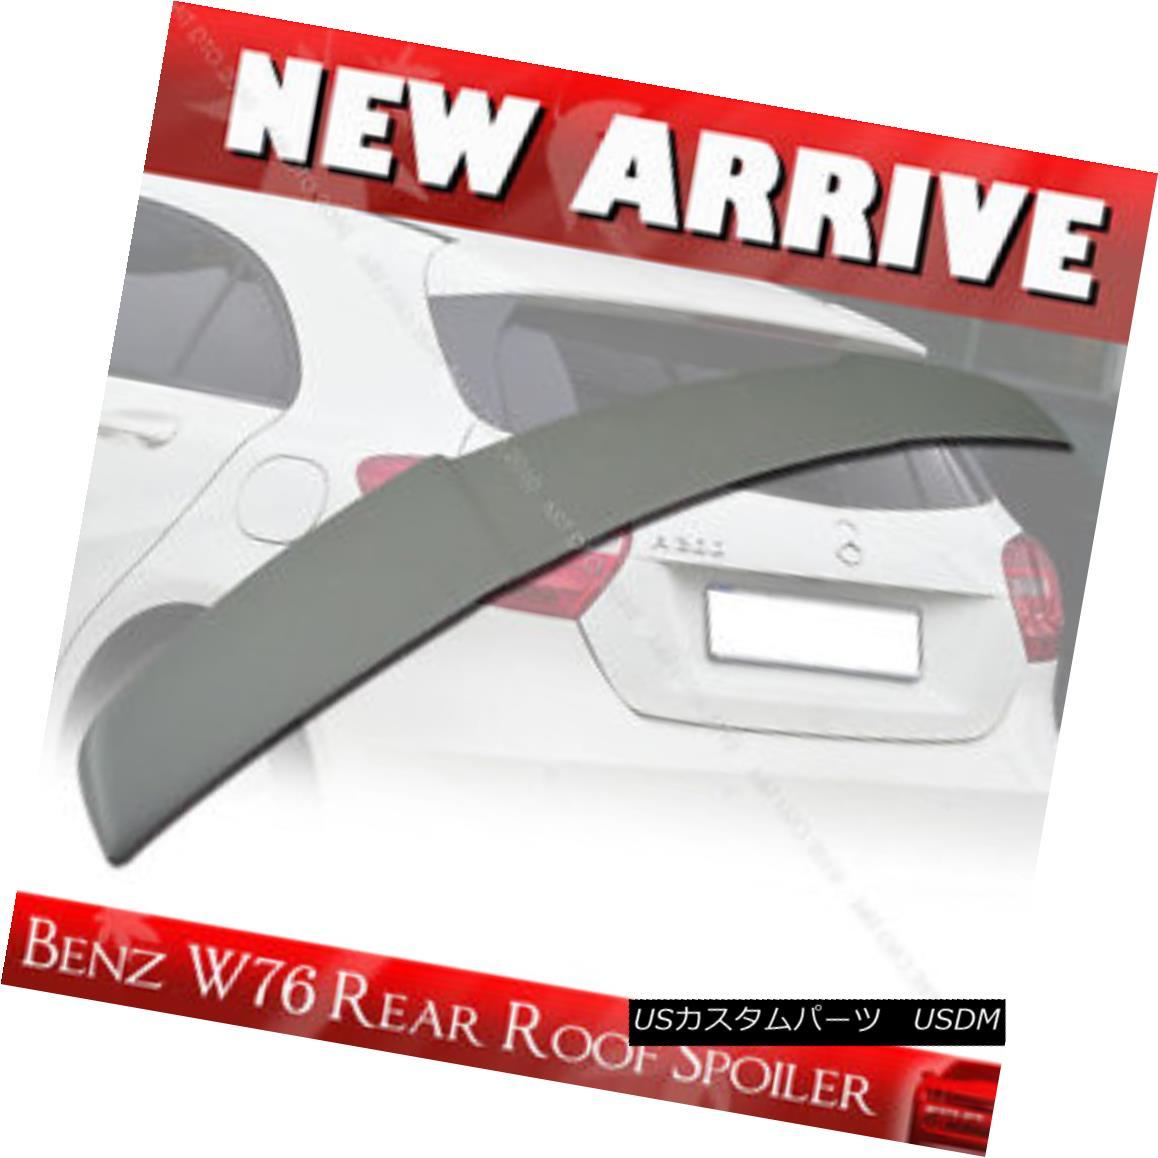 エアロパーツ Primer Paintable Mercedes BENZ W176 A-Class FRP A200 Rear Roof Spoiler§ プライマーペインタブルメルセデスベンツW176 AクラスFRP A200リアルーフスポイラー